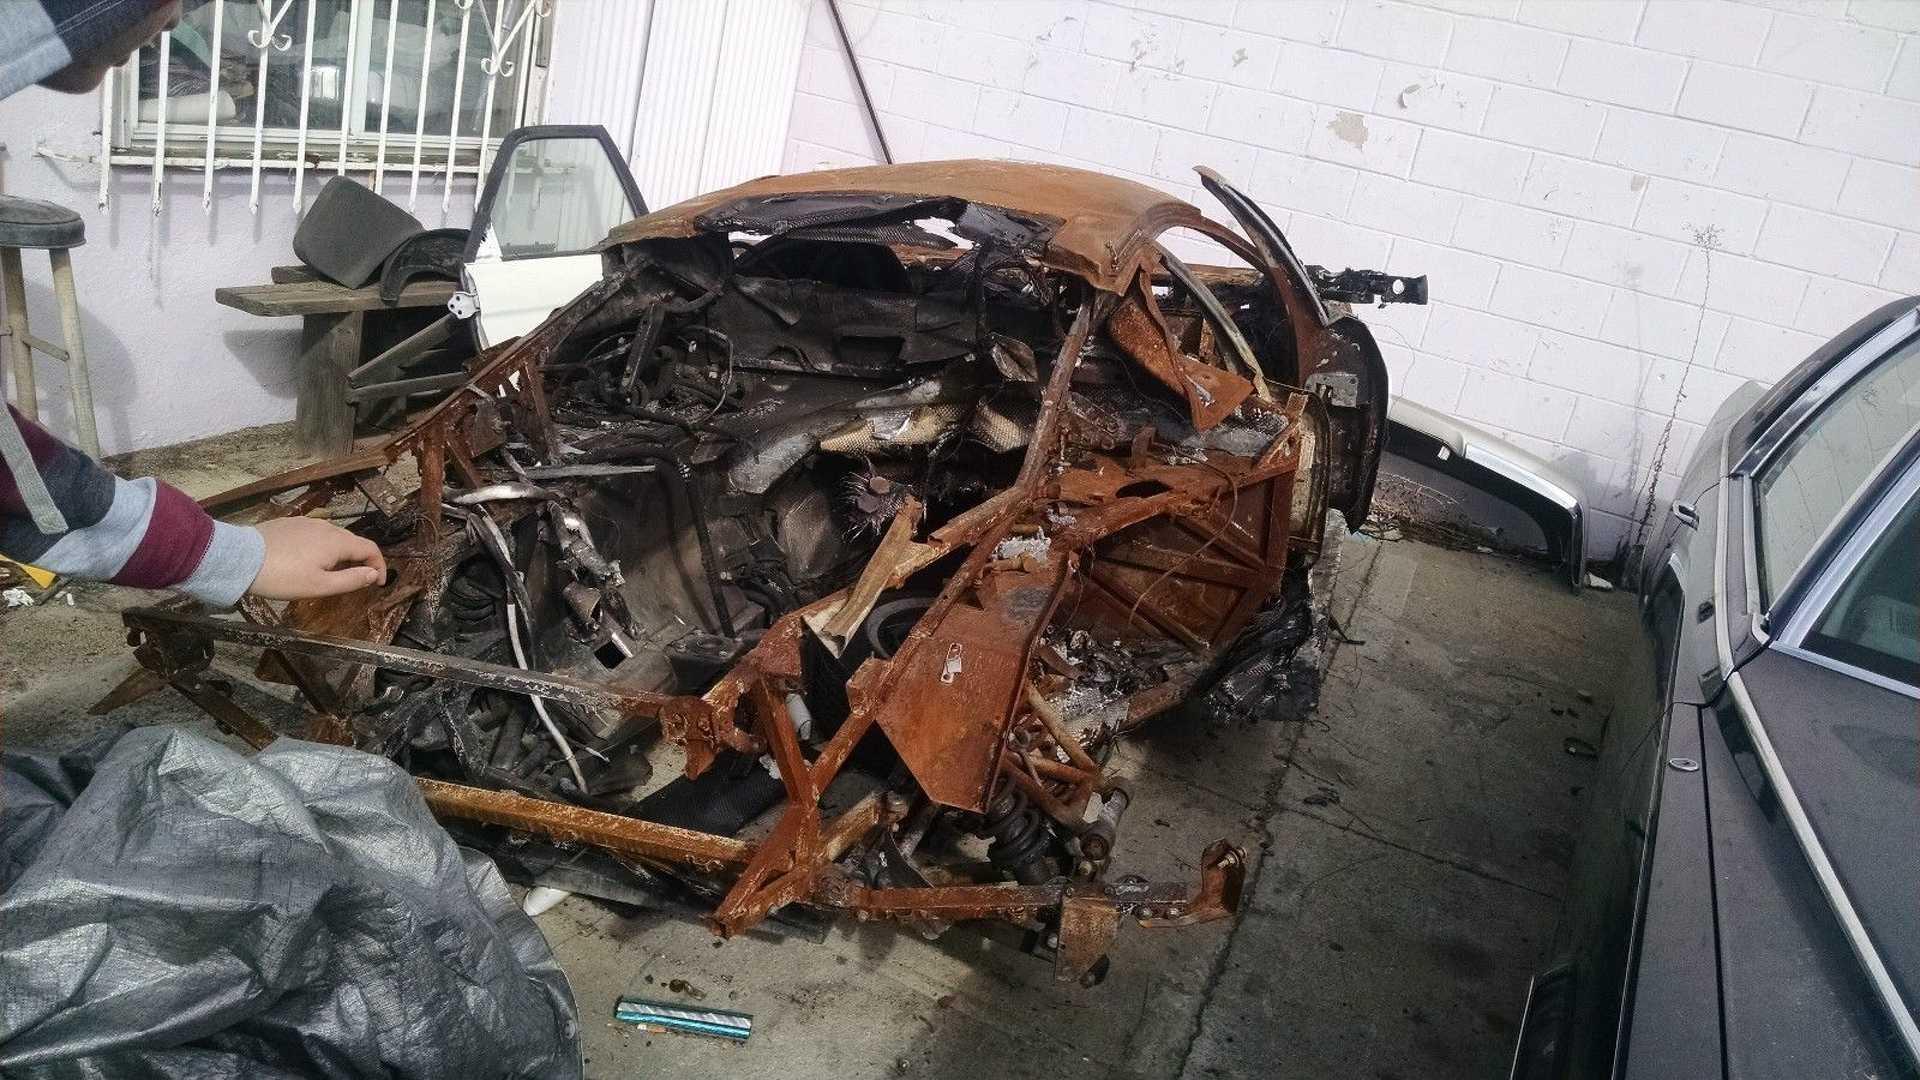 Lamborghini_Murcielago_destroyed_by_fire_07